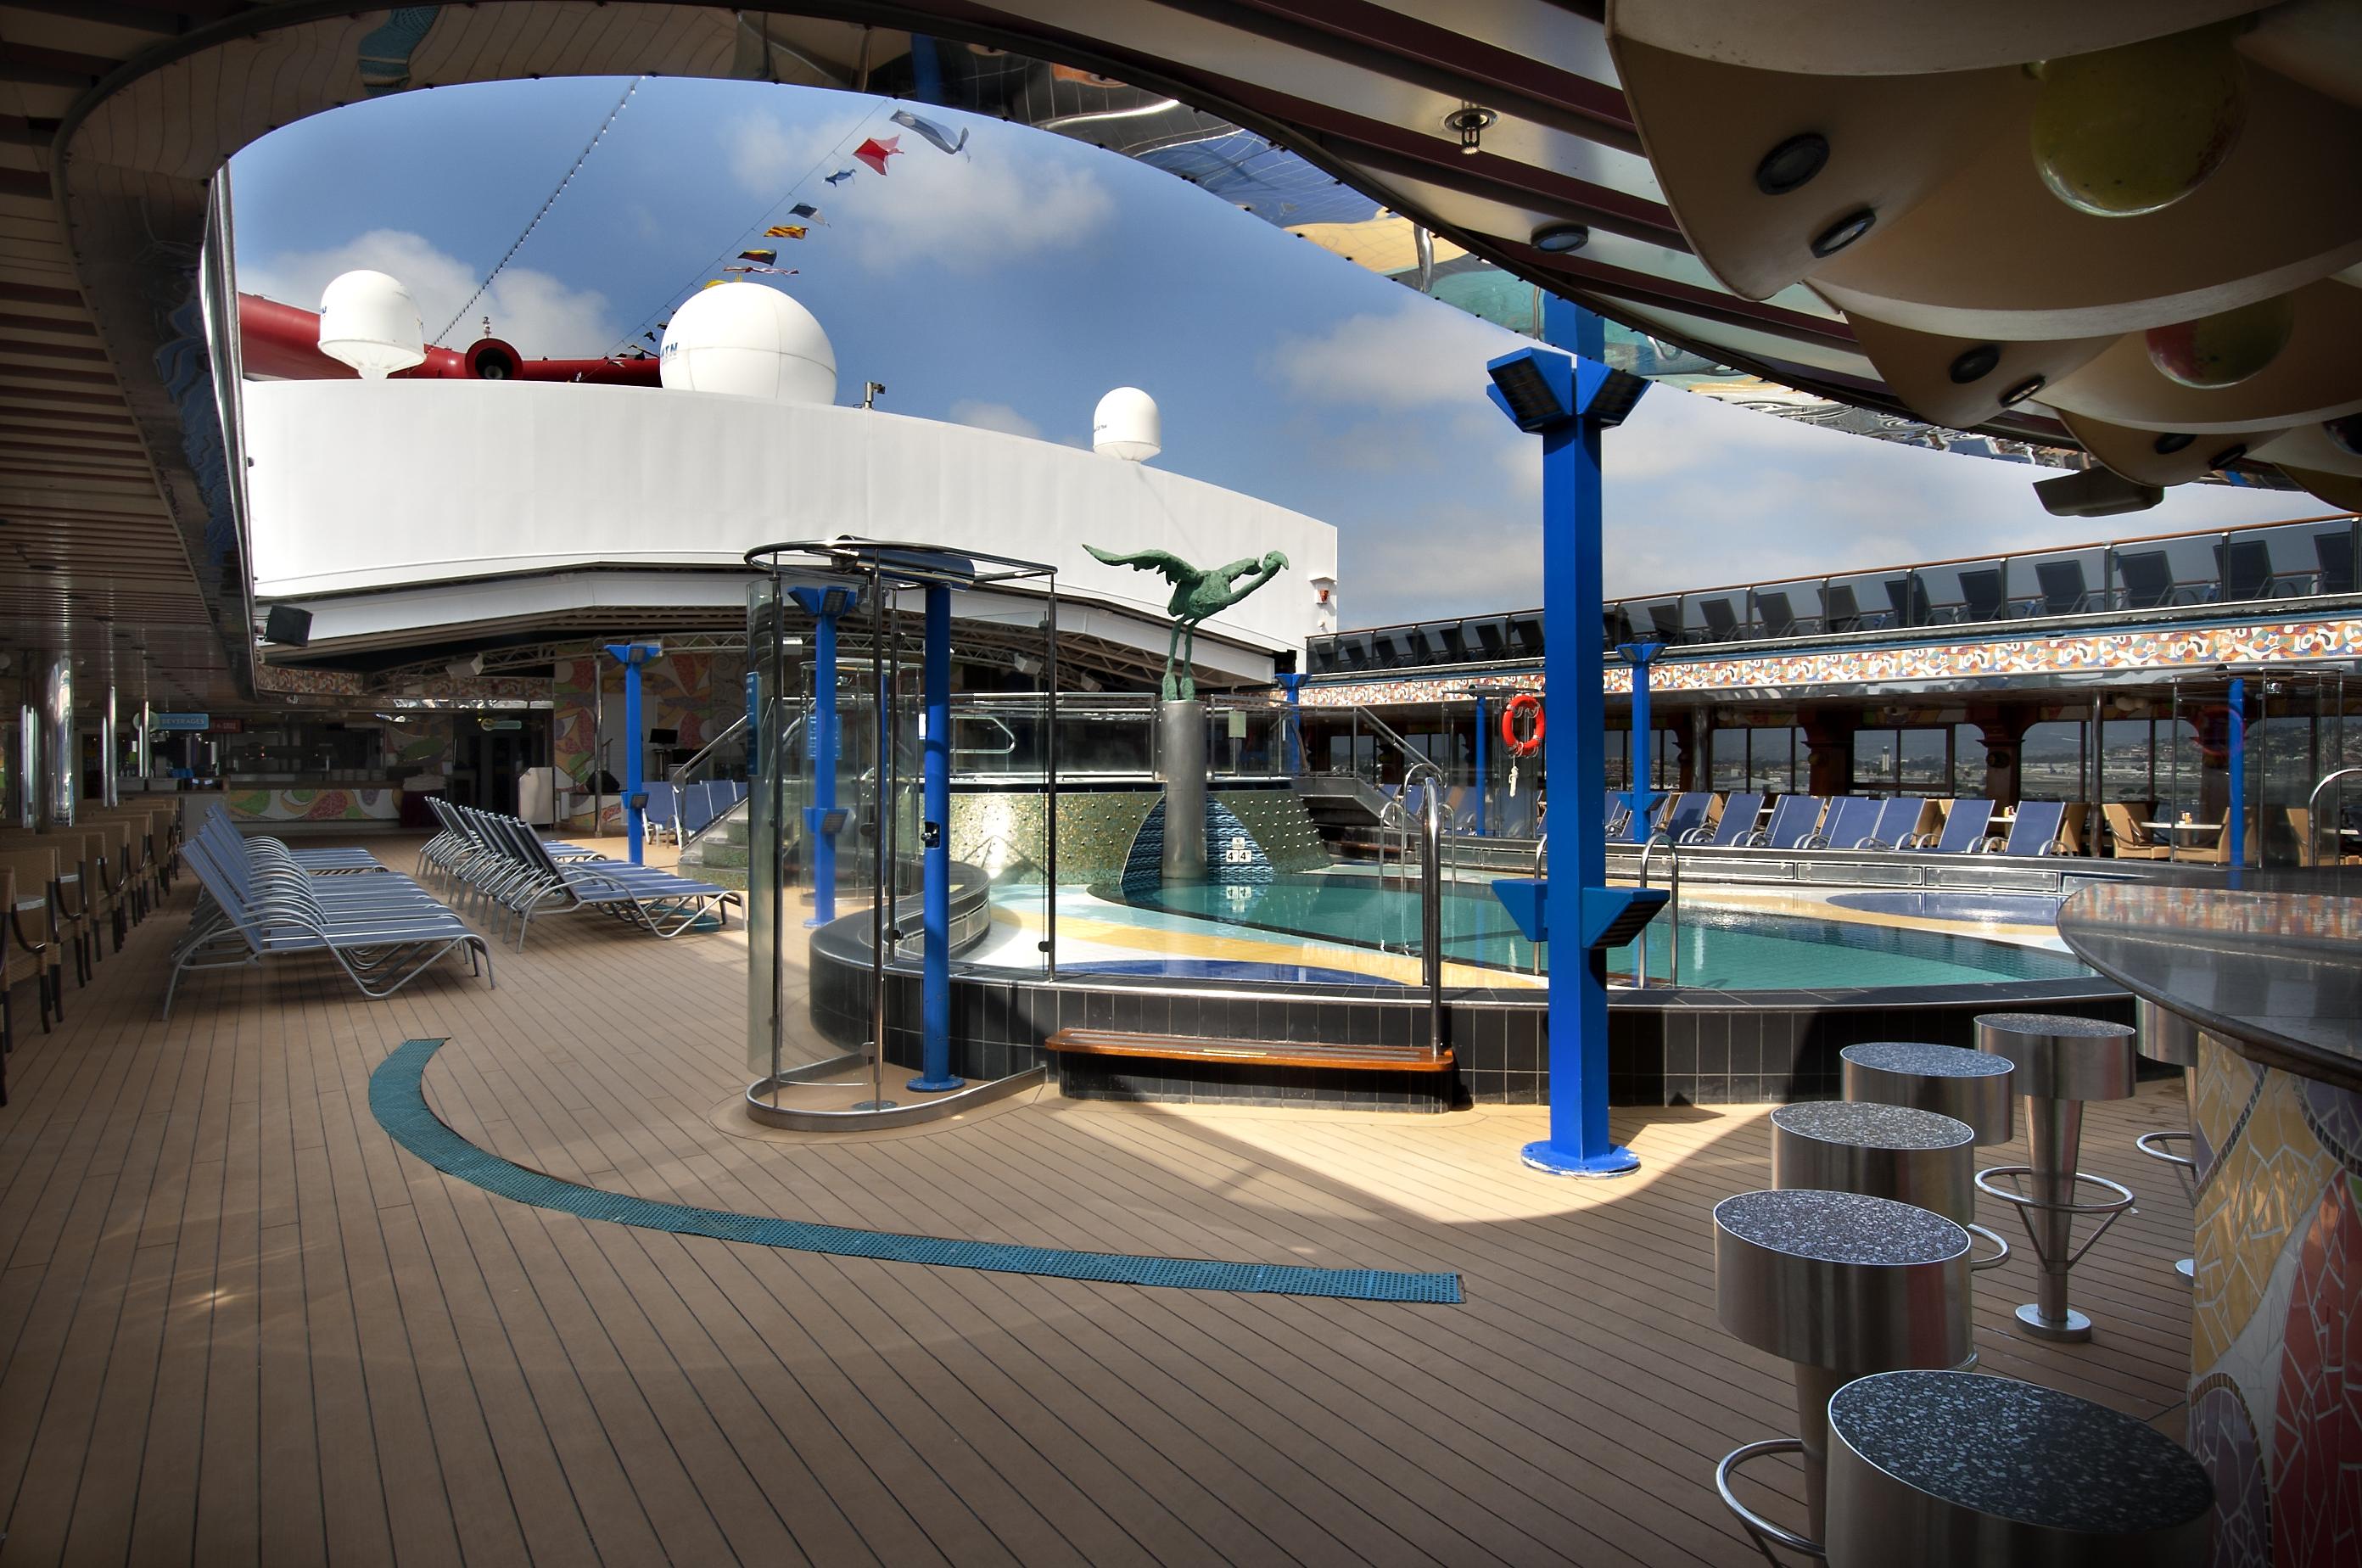 Carnival Spirit Dome Pool 4.jpg